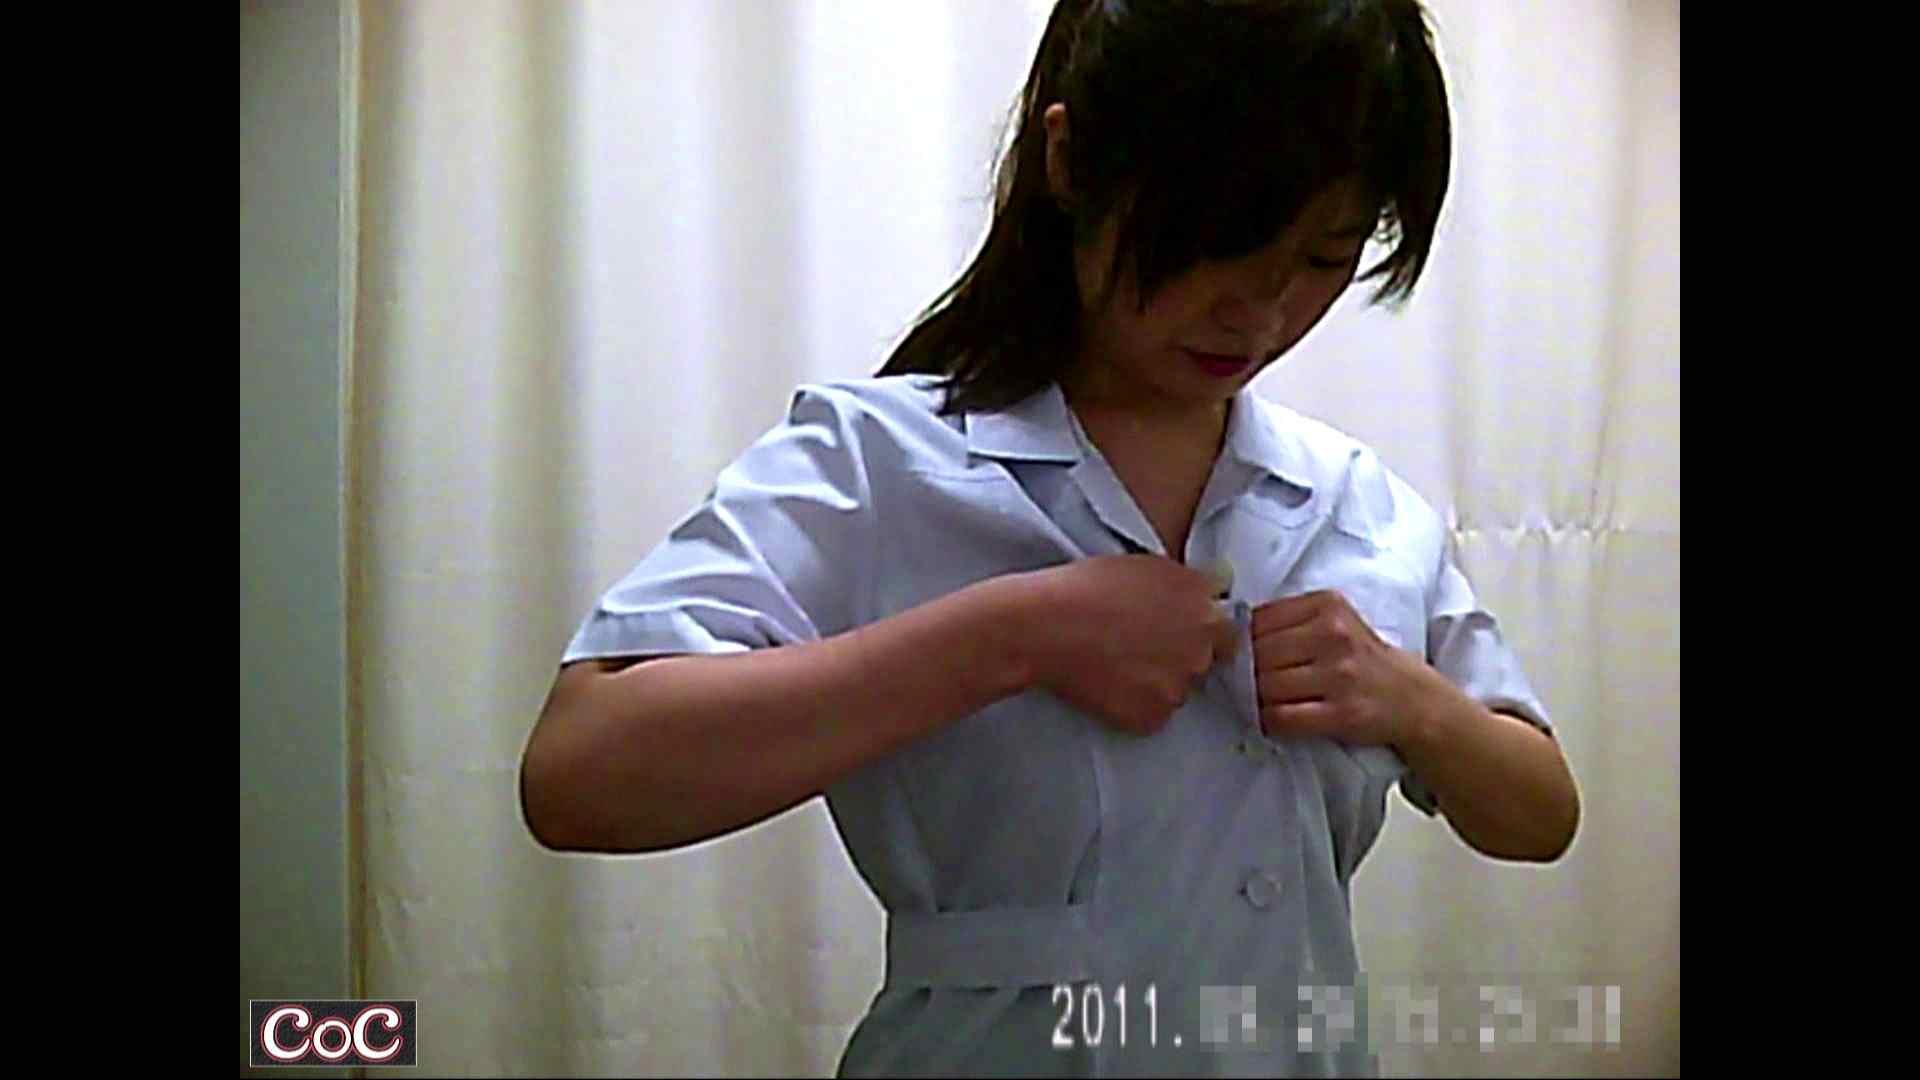 病院おもいっきり着替え! vol.42 おっぱい特集 オメコ無修正動画無料 99pic 73